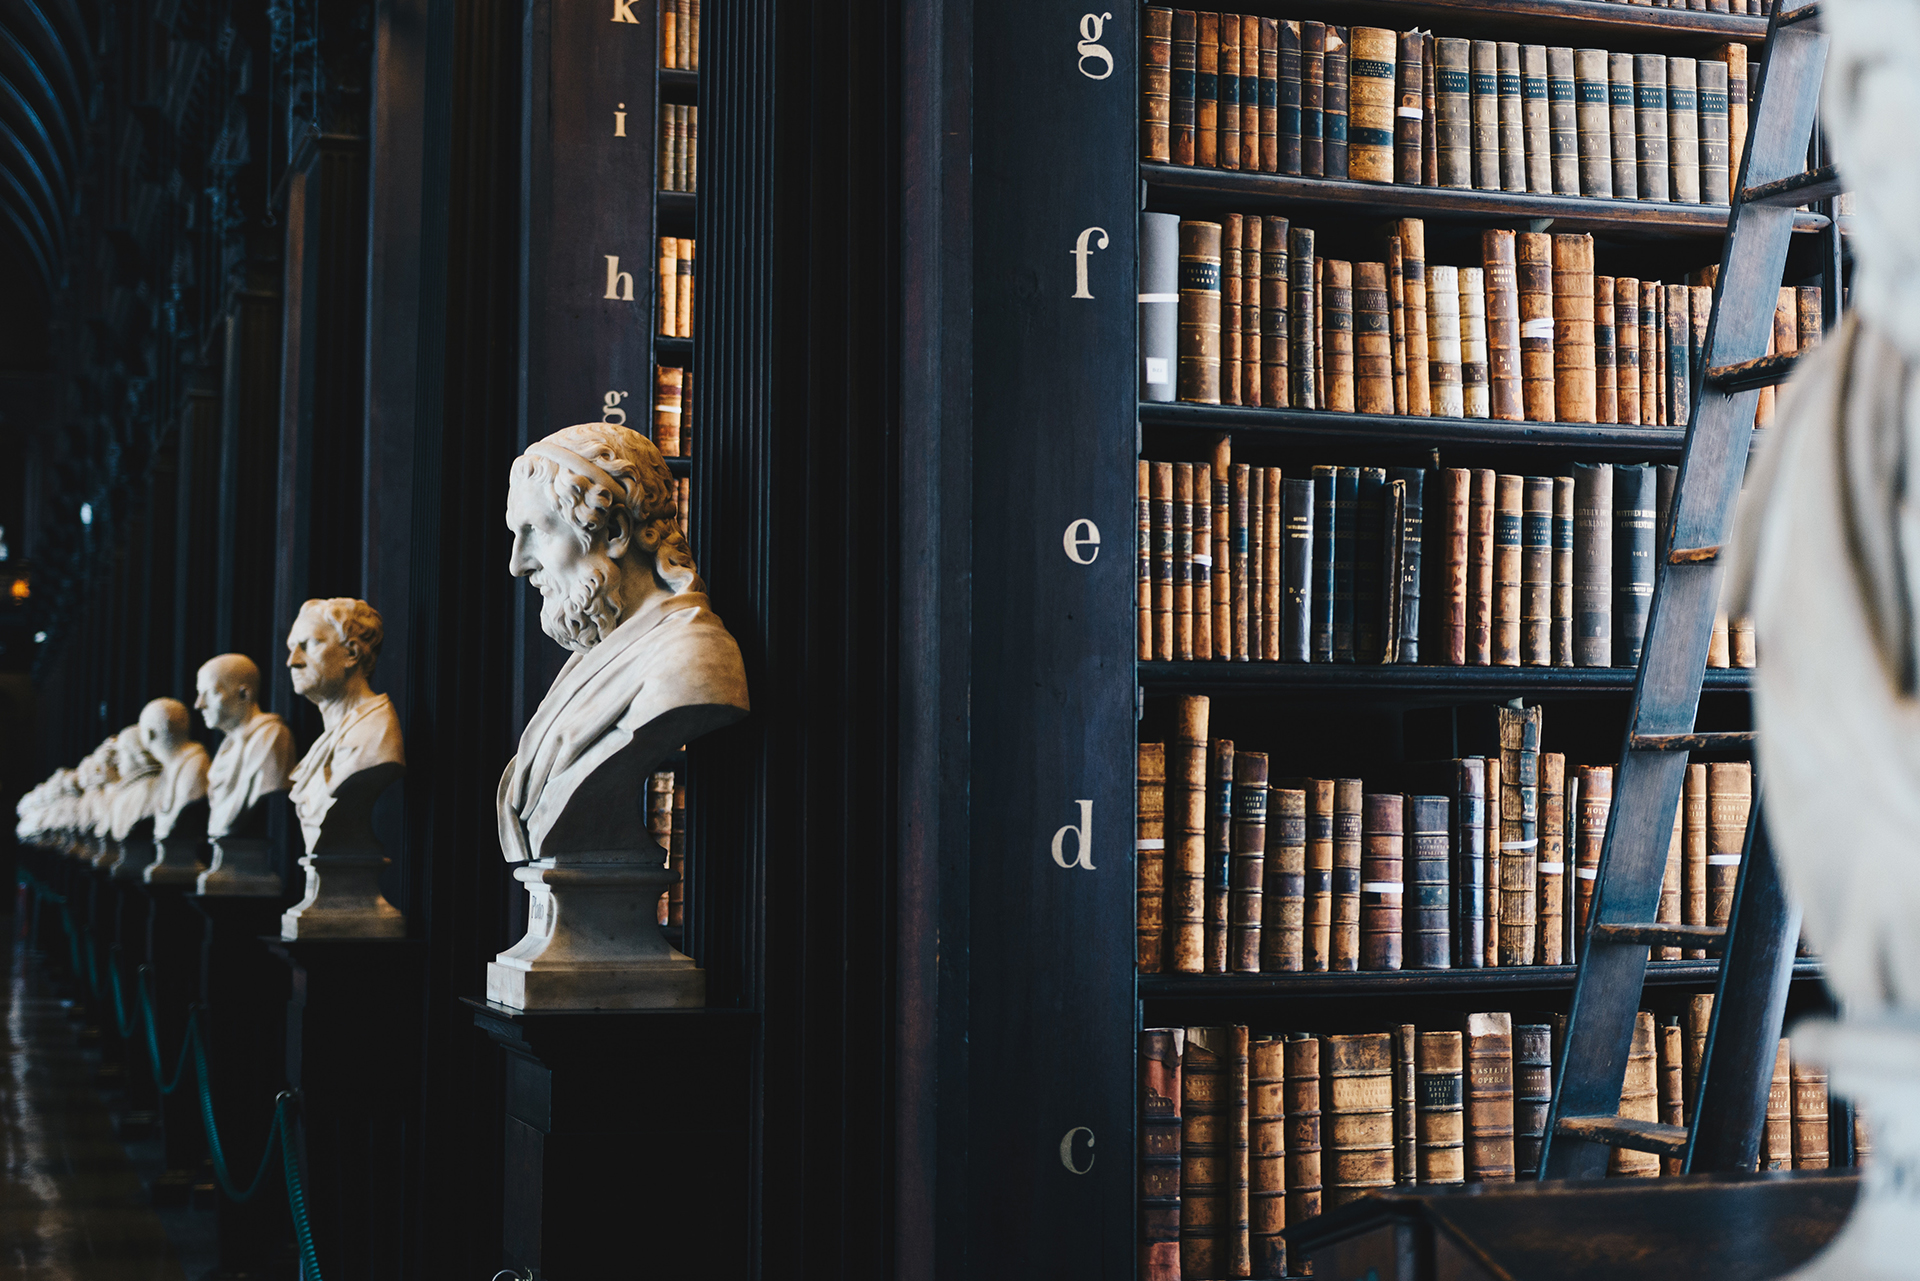 Filosofia, Sabedoria e Bom Viver